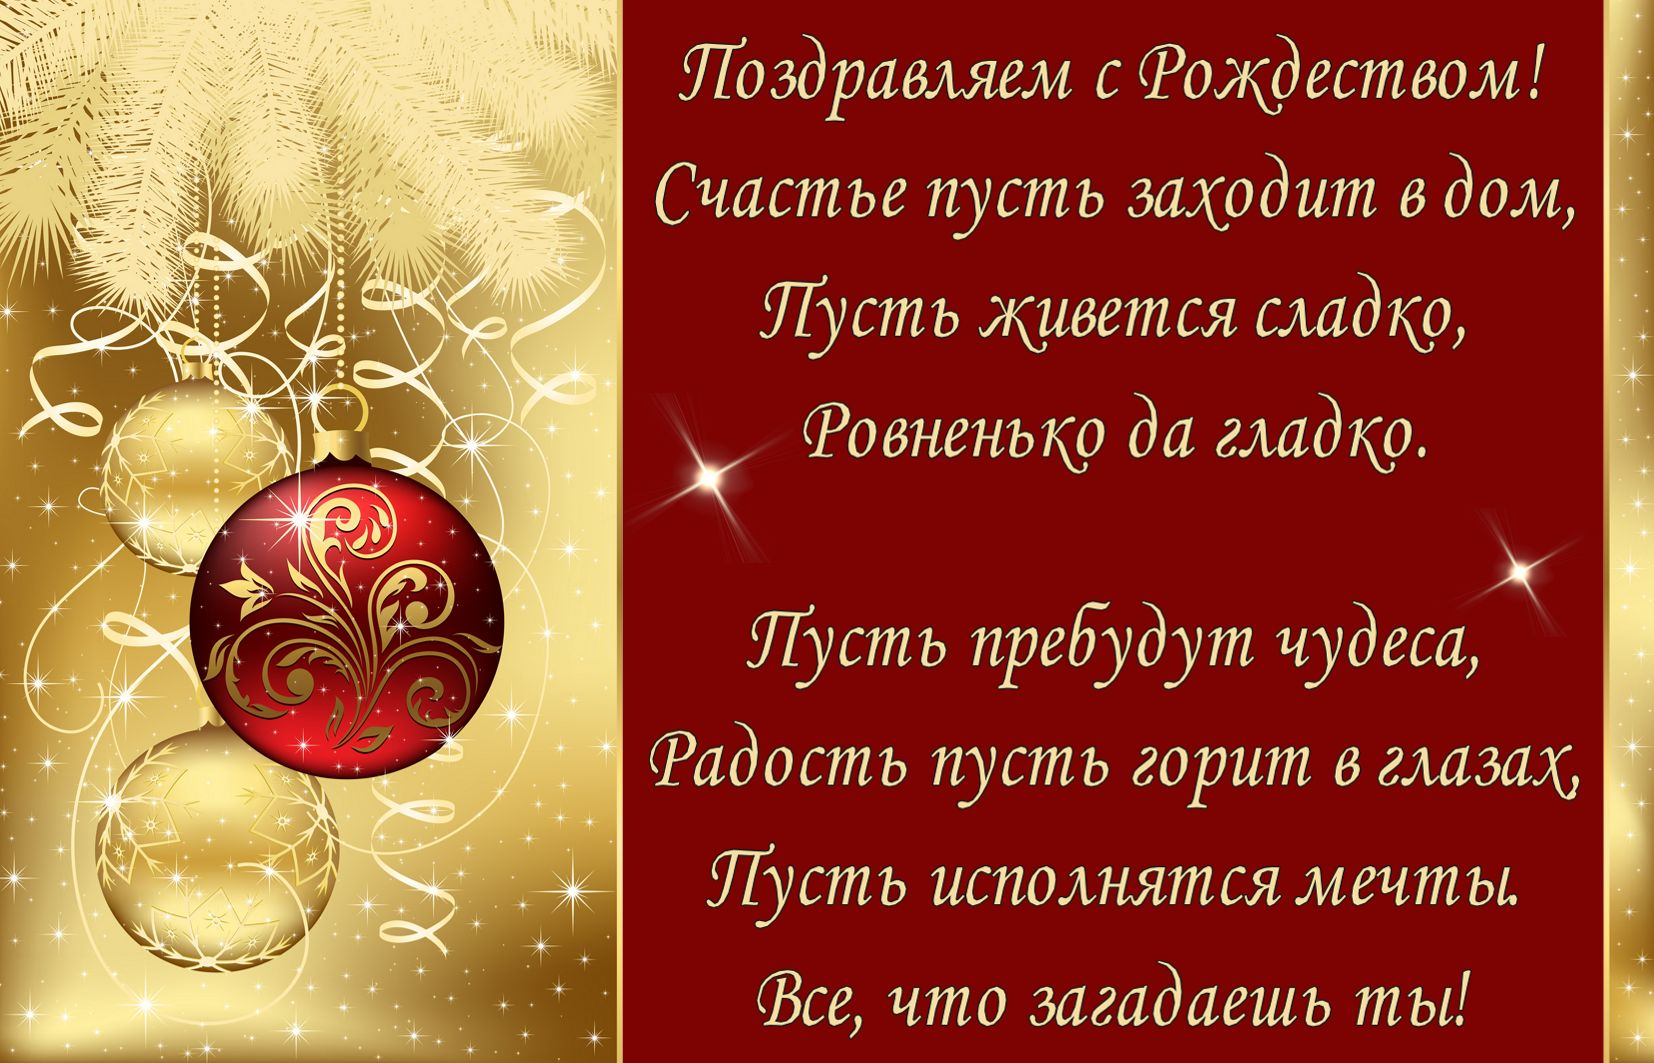 Красивые пожелания на рождество в прозе